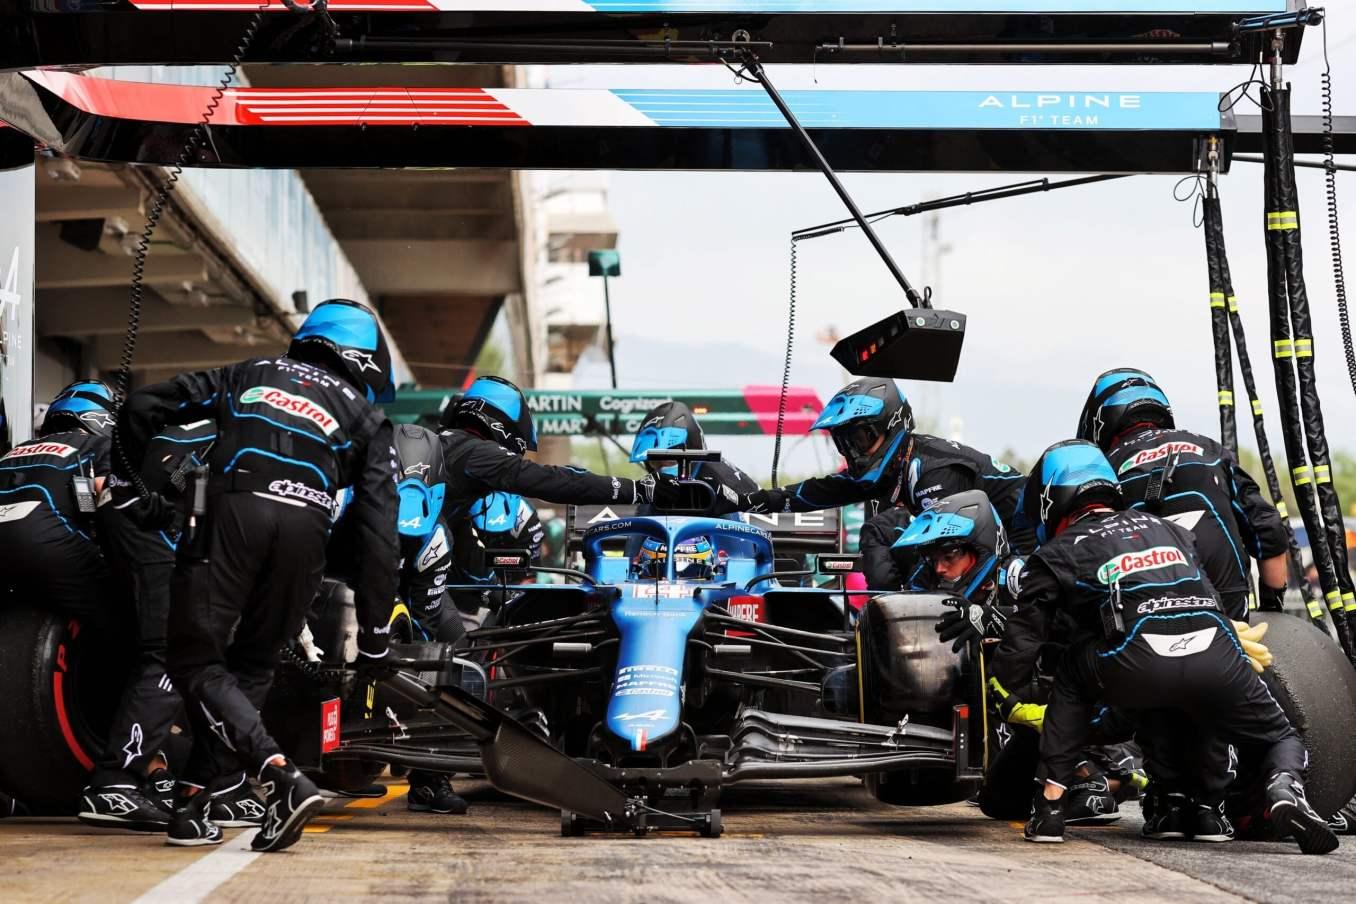 Alpine F1 Team A521 Alonso Ocon Grand Prix Espagne 2021 course